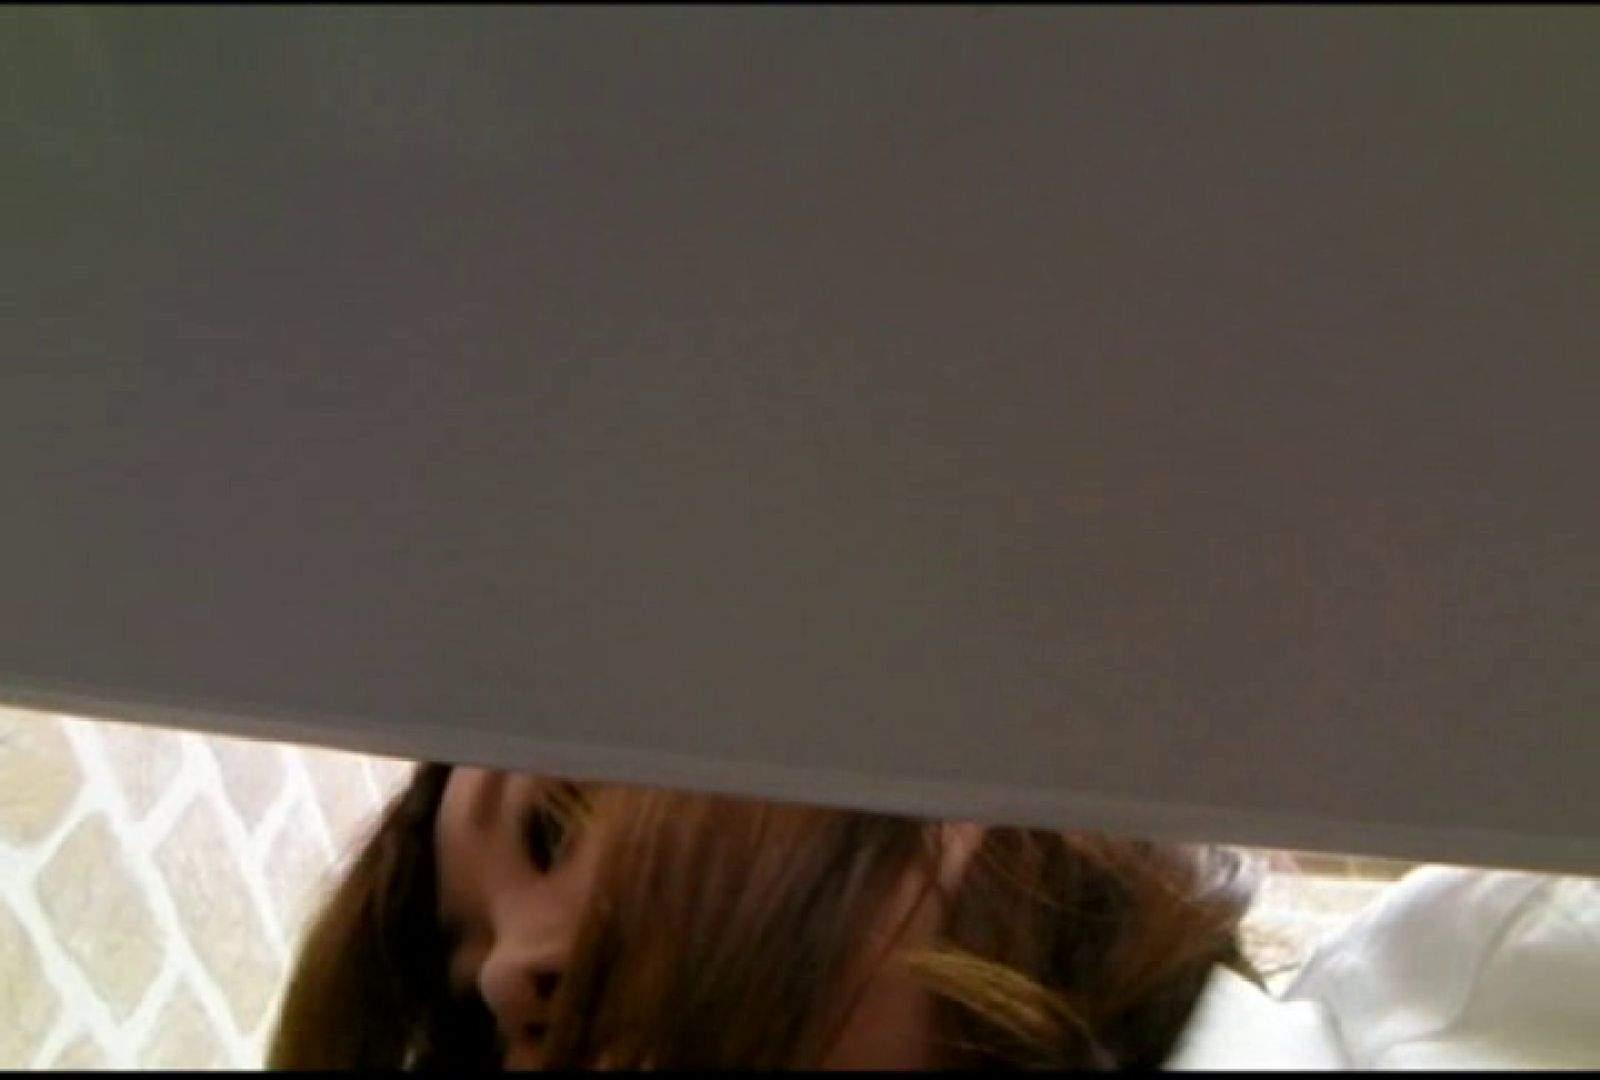 いきつけの美容院はノーブラ営業中!Vol.3 OLエロ画像 覗き性交動画流出 108PICs 95